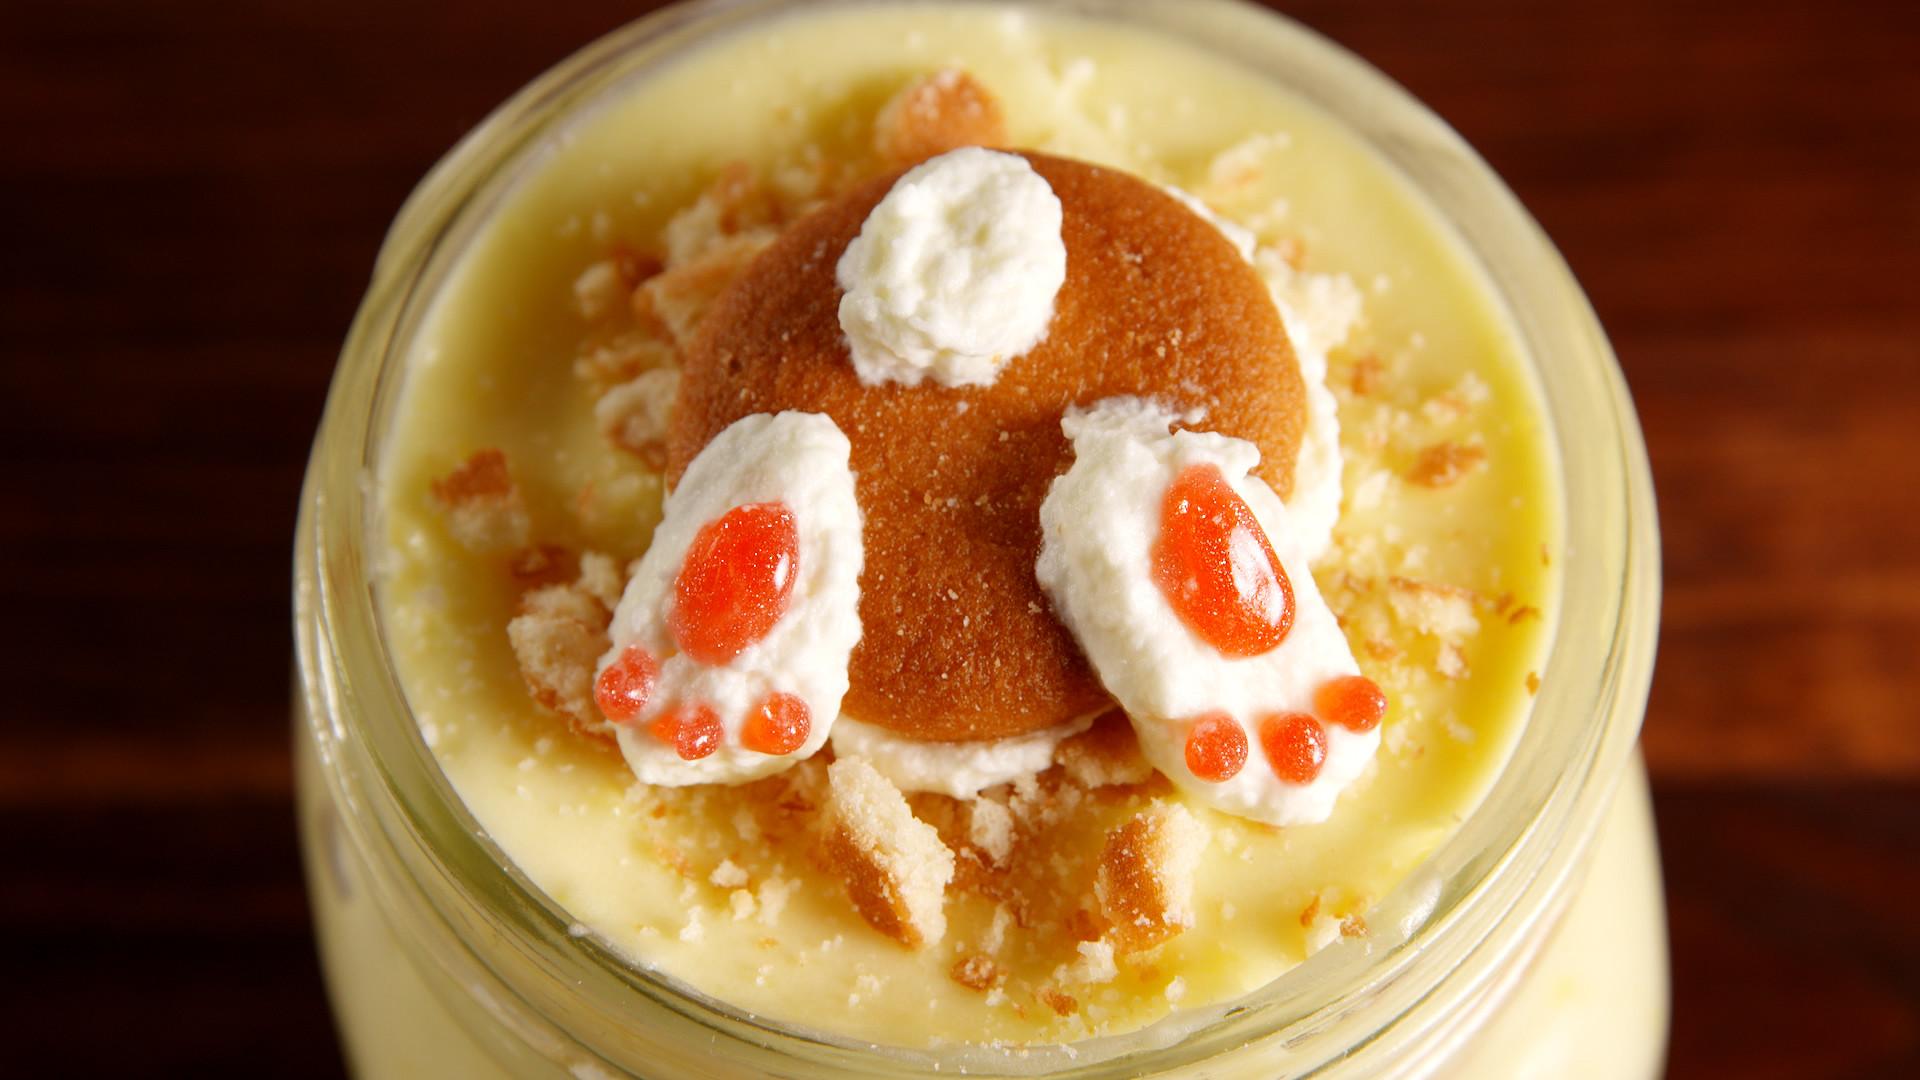 Easter Dessert Recipe  80 Easy Easter Desserts Recipes for Cute Easter Dessert